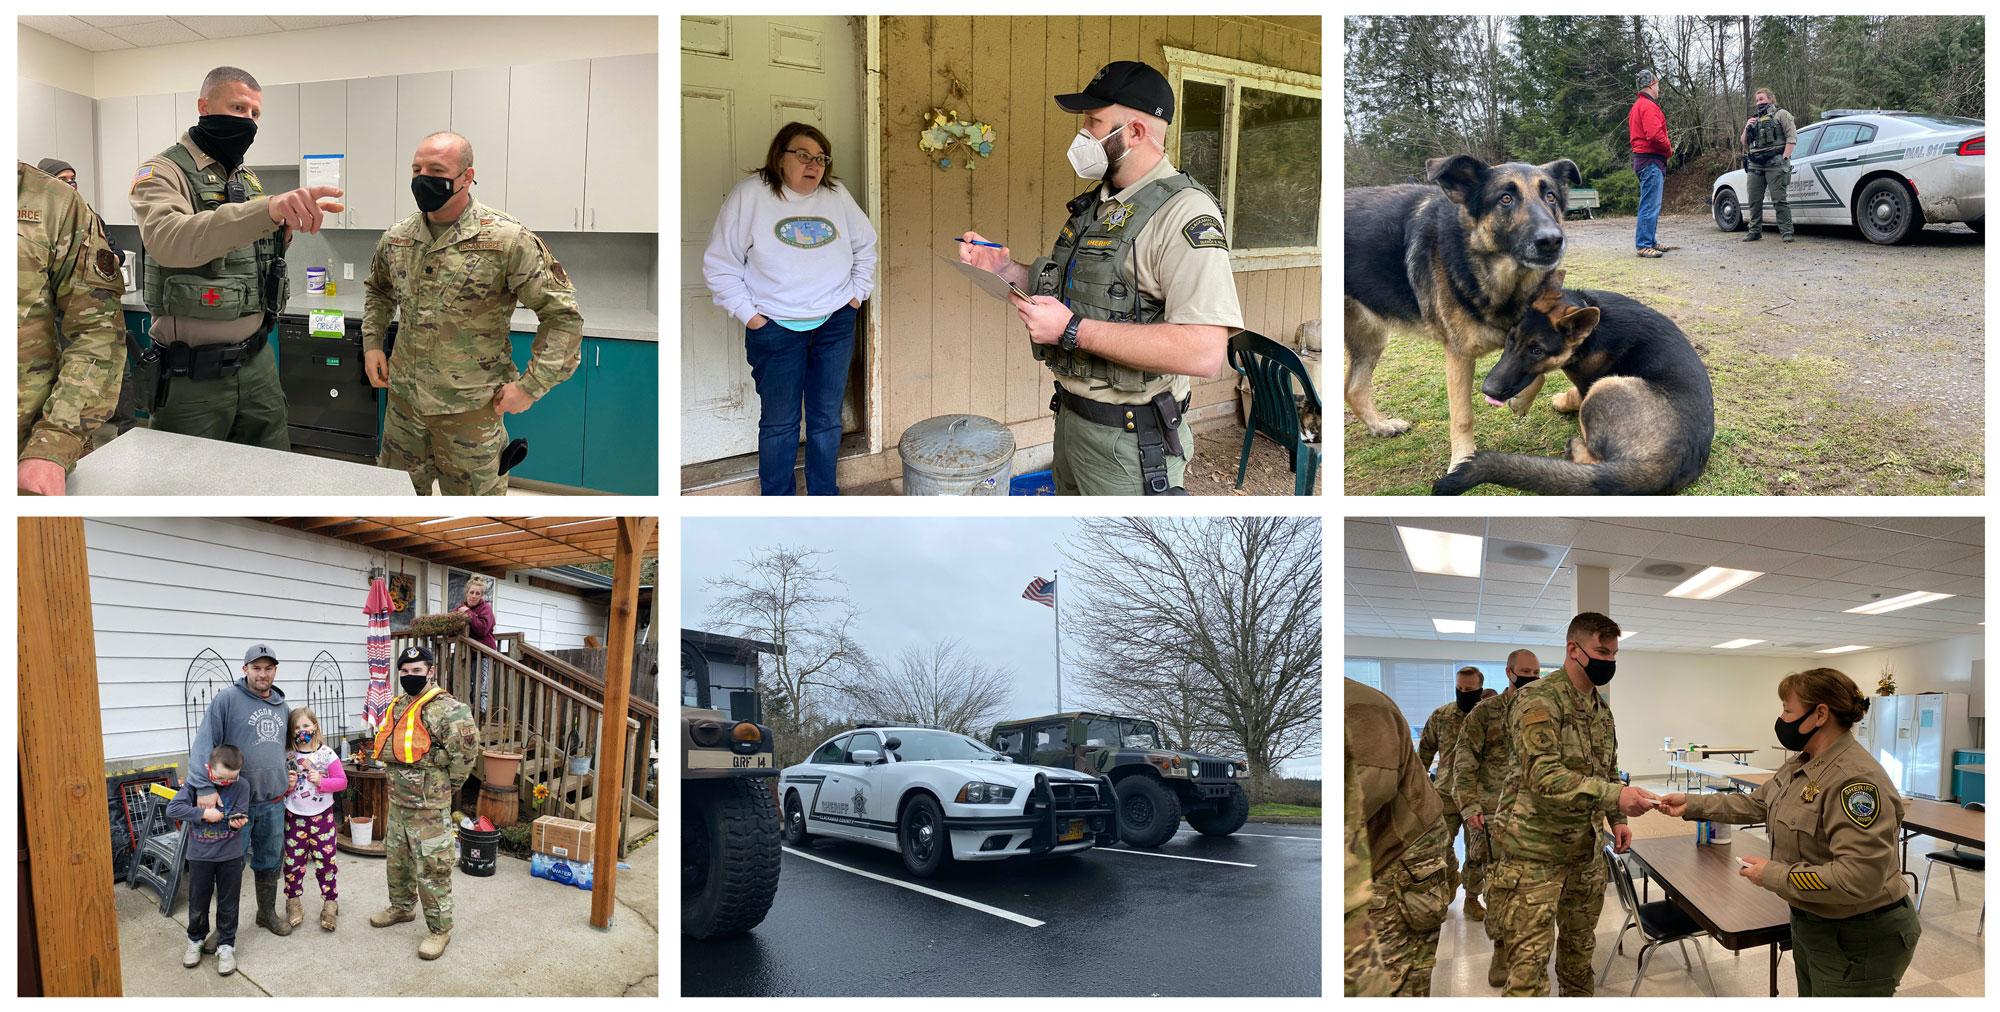 CCSO Guard welfare checks